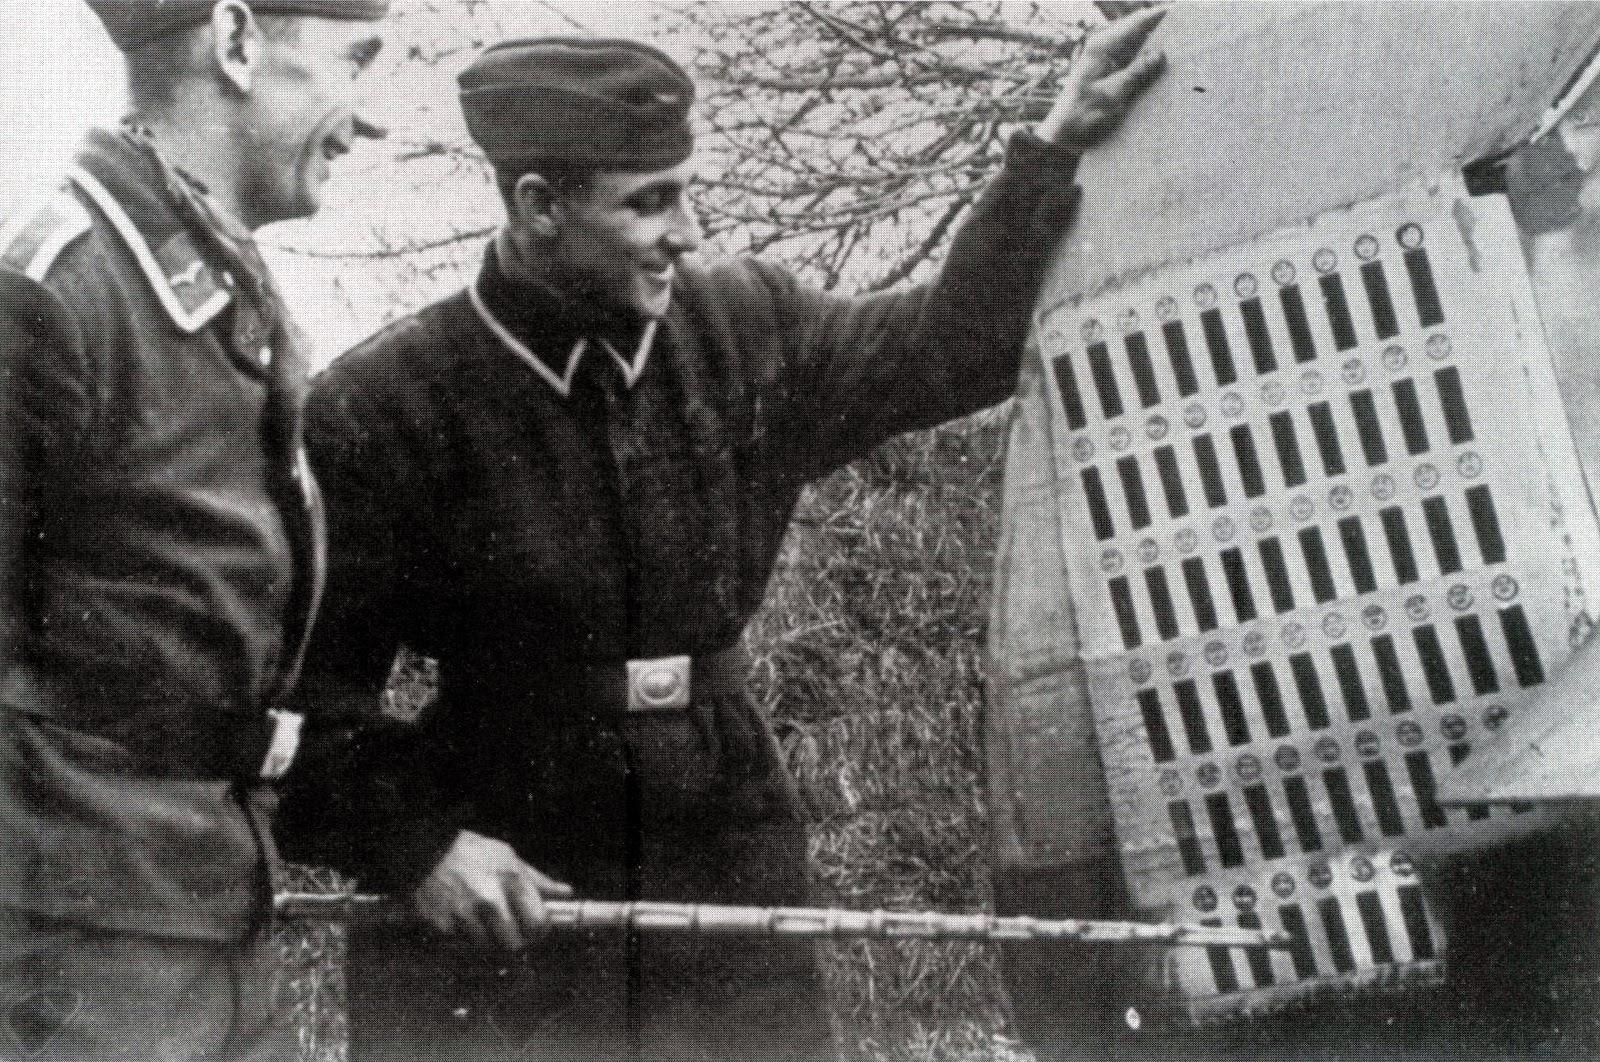 Dua Orang Anggota Luftwaffe Memperhatikan Sayap Ekor Pesawat Messerschmitt Bf  Milik Major Adolf Galland Geschwaderkommodore Jagdgeschwader